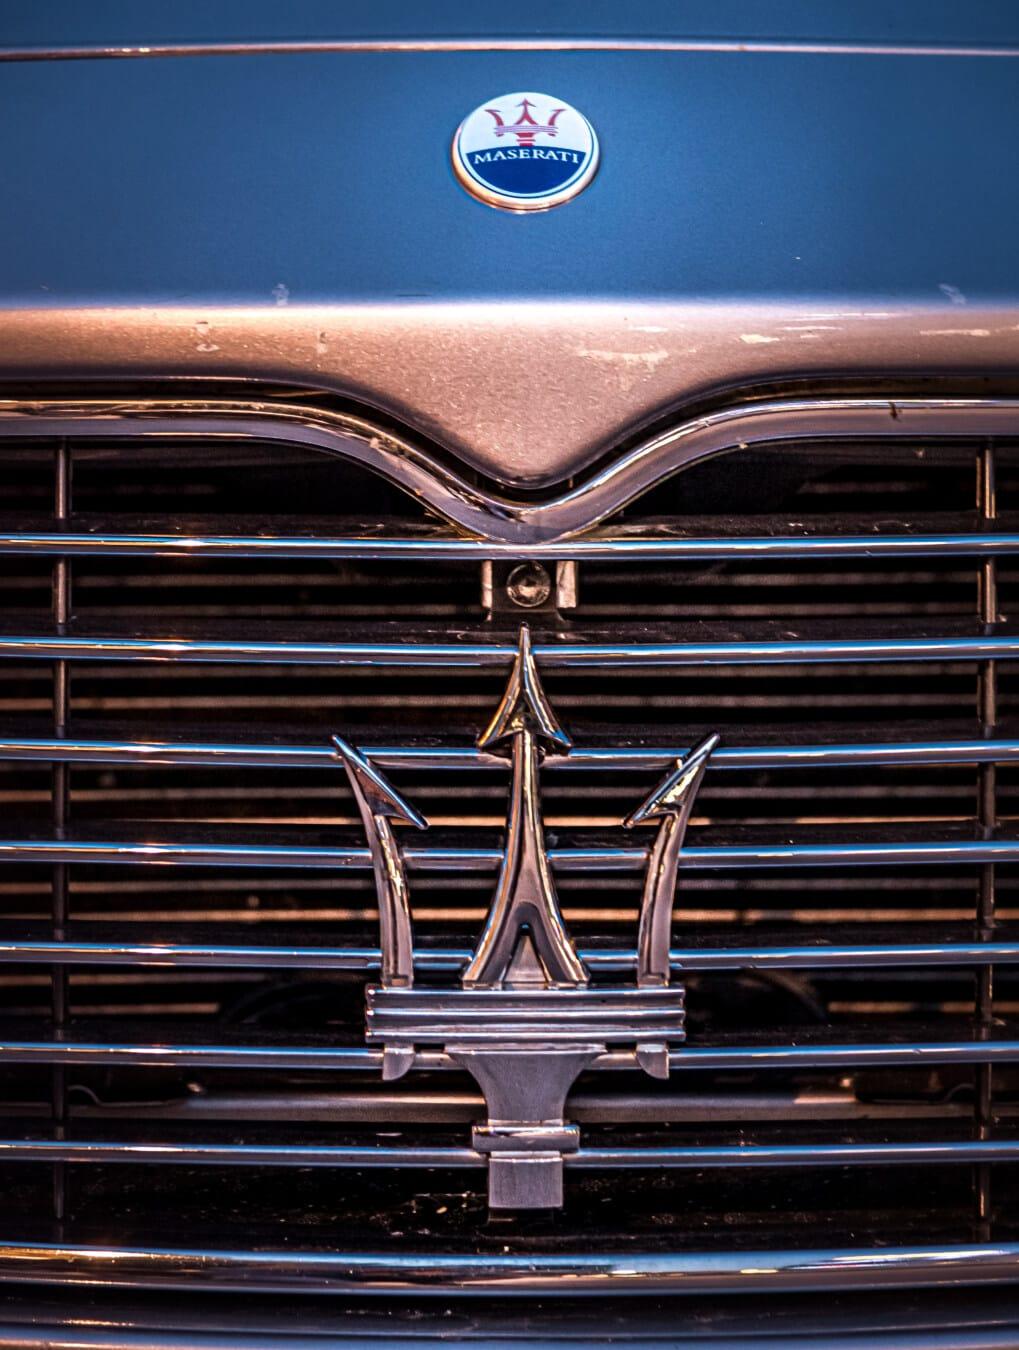 Maserati, teuer, Auto, Symbol, Zeichen, glänzend, Fackel, Reflexion, Chrom, Kühlergrill, Haube